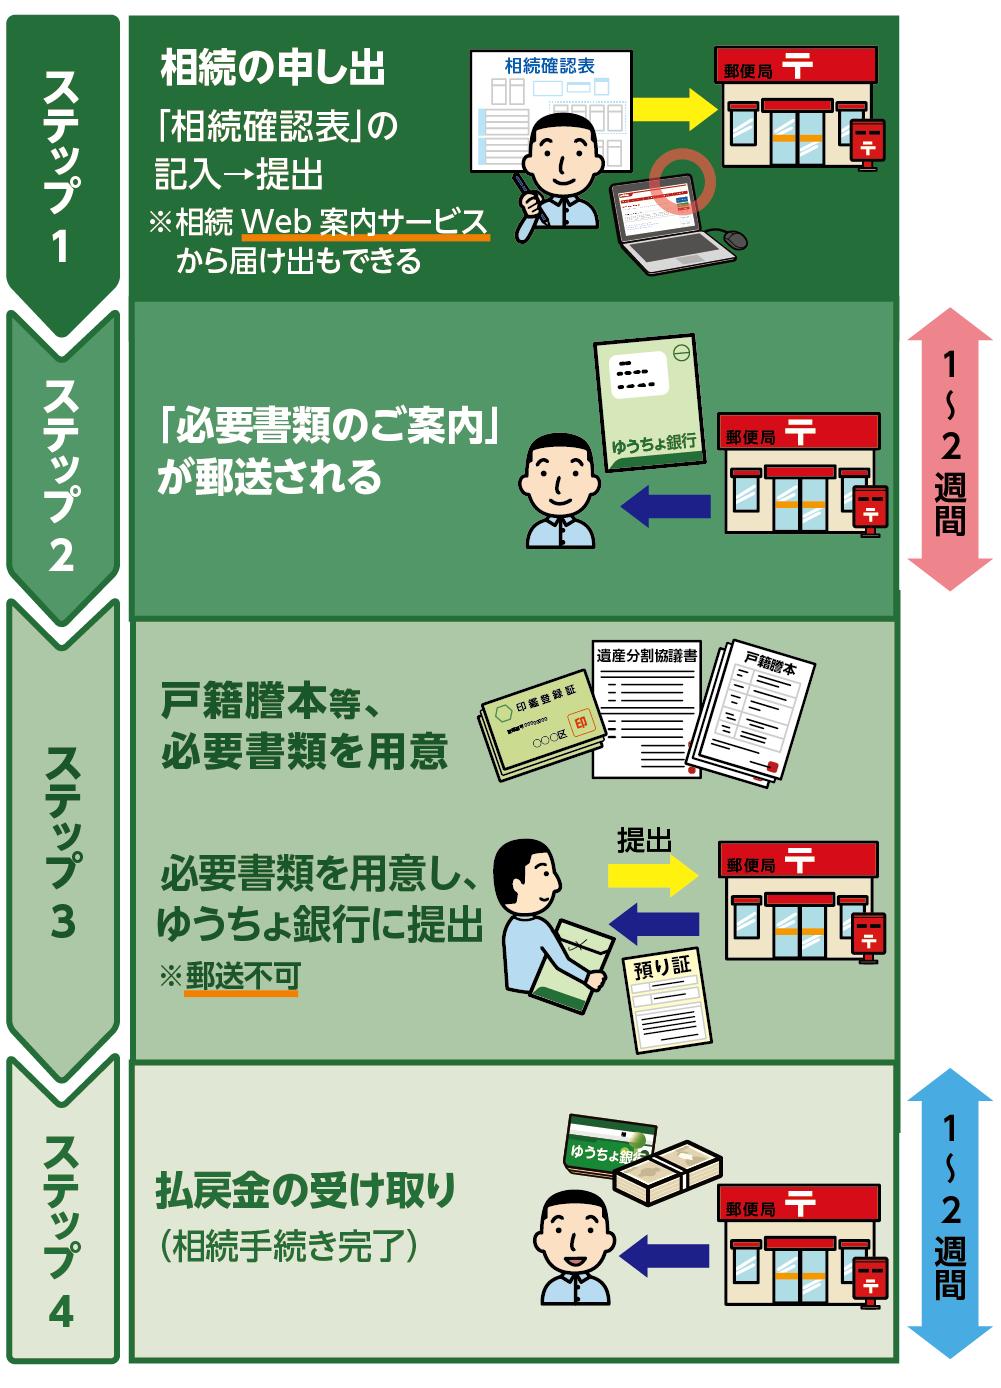 ゆうちょ銀行の相続手続き4つのステップ